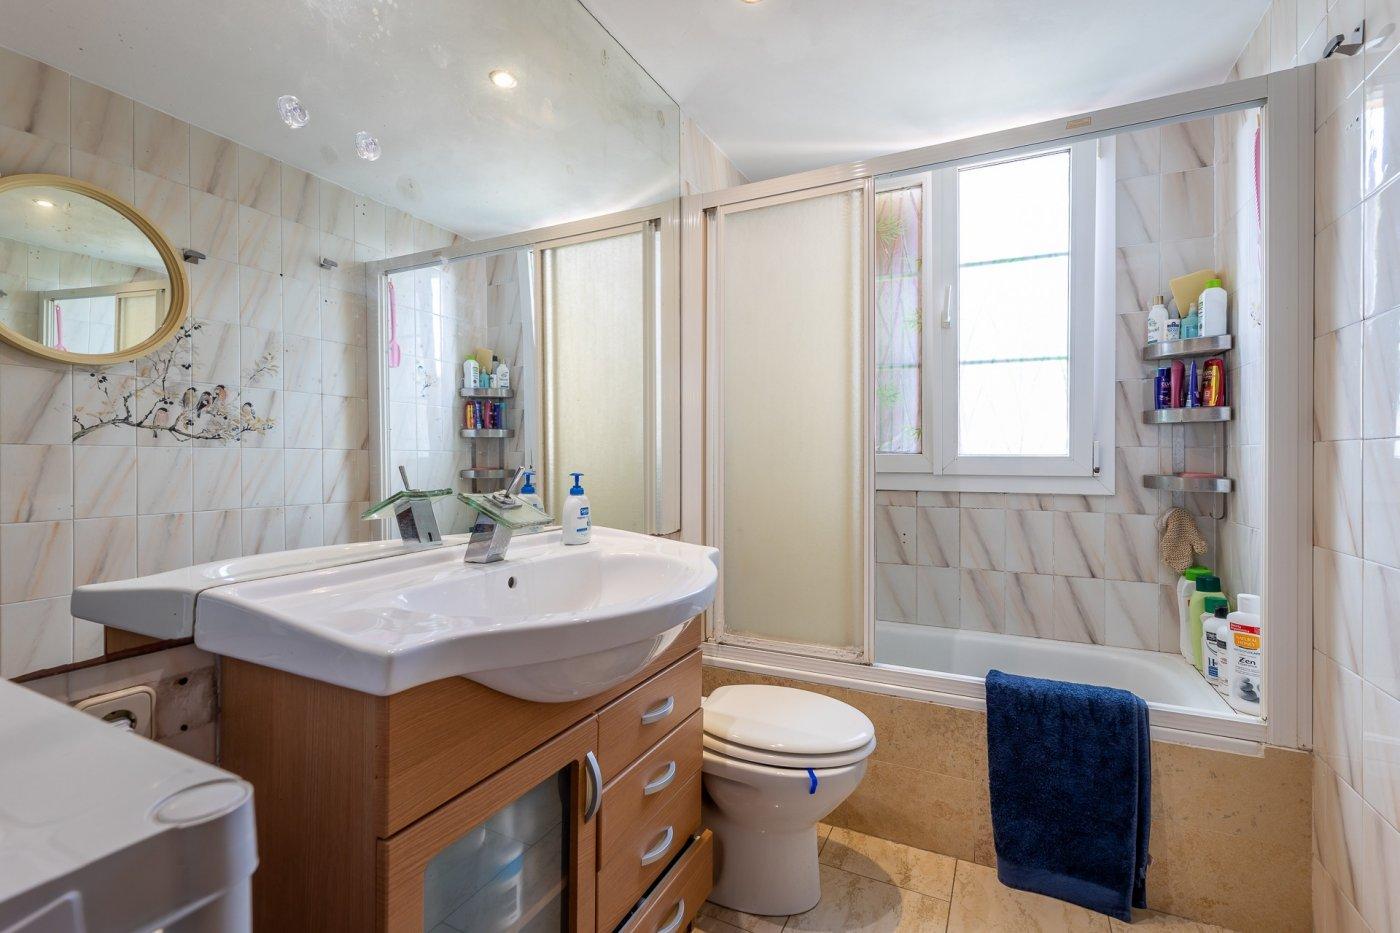 Magnifico primer piso  de 2 habitaciones listo para entrar a vivir! realice una visita vir - imagenInmueble3